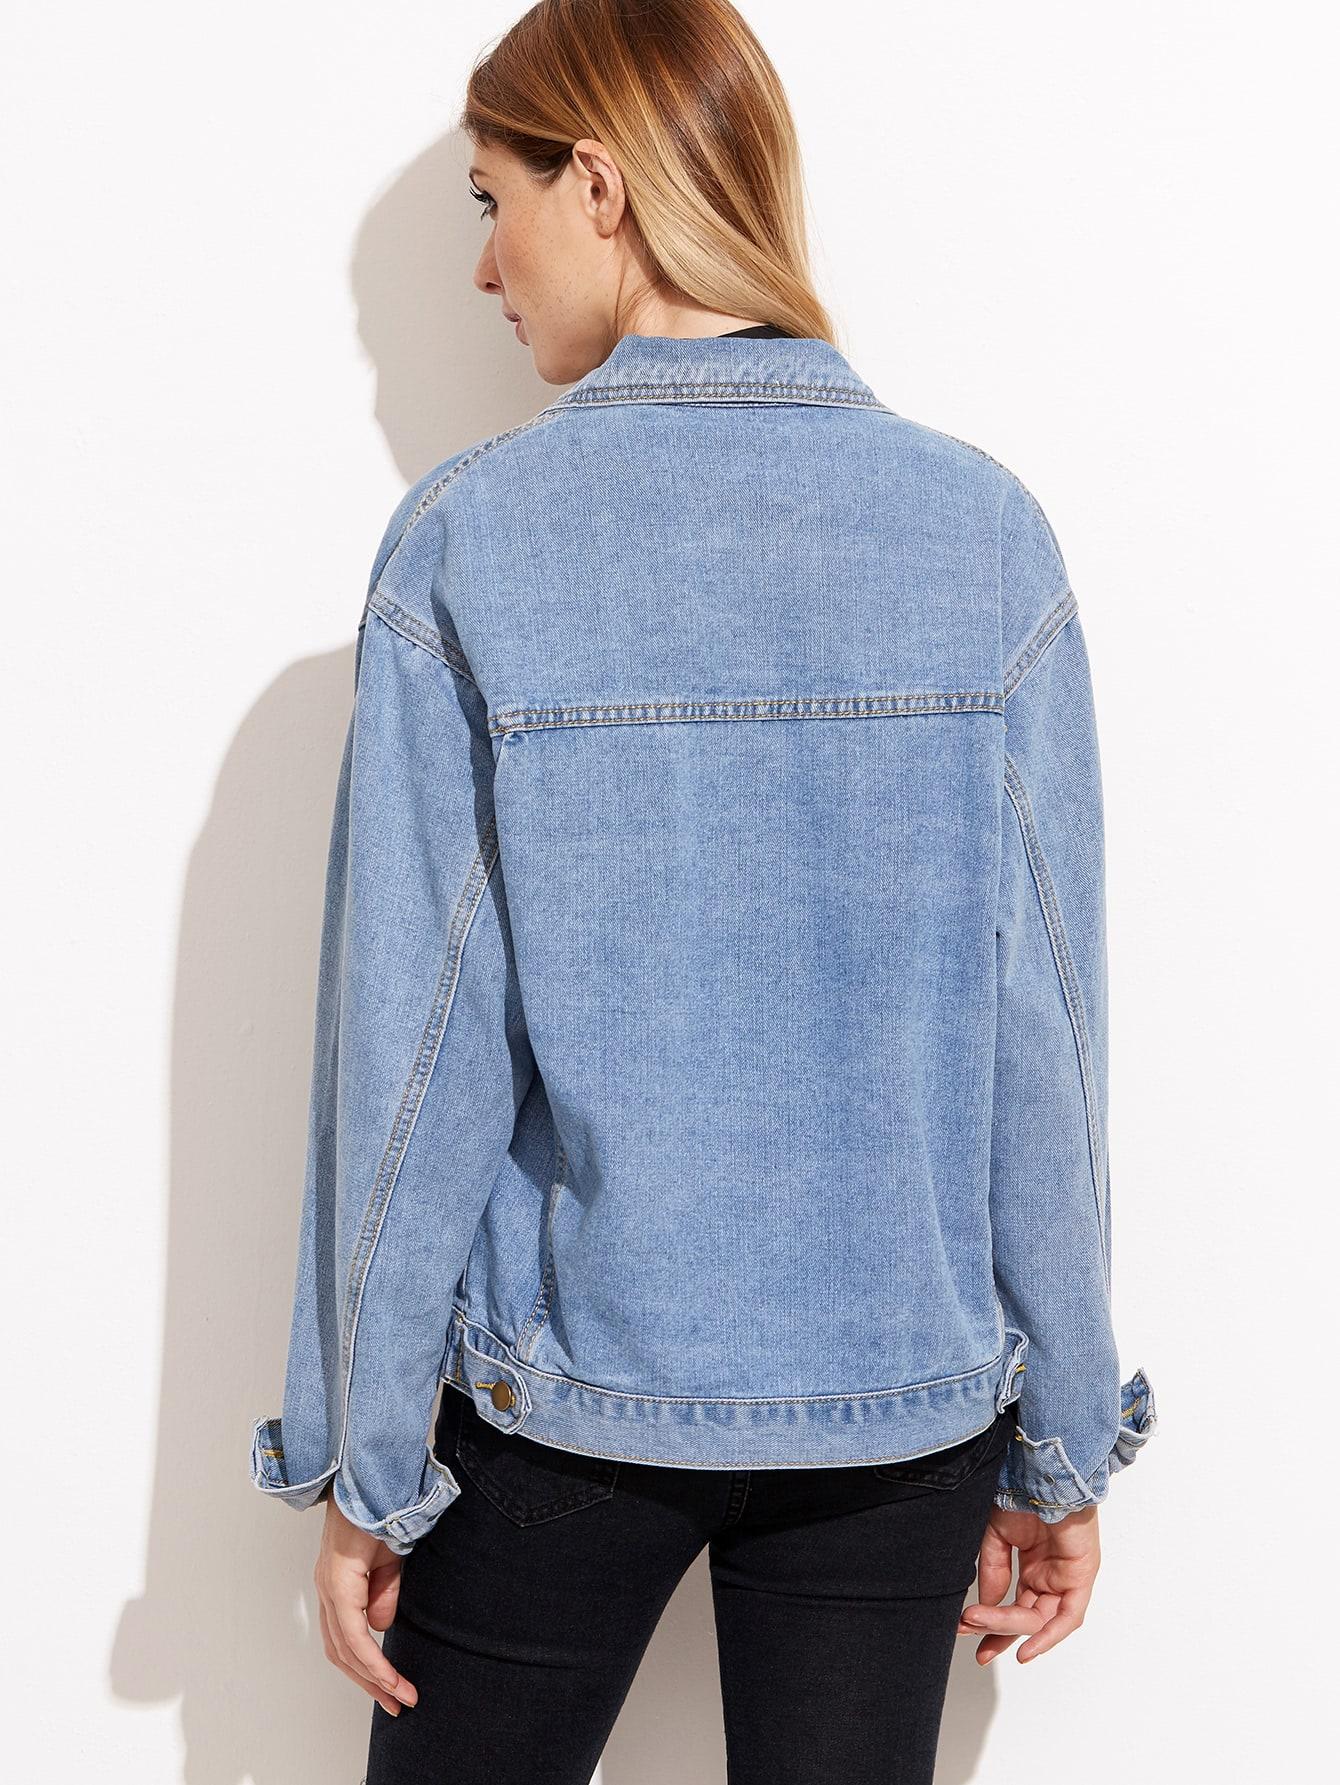 jacket160825121_2